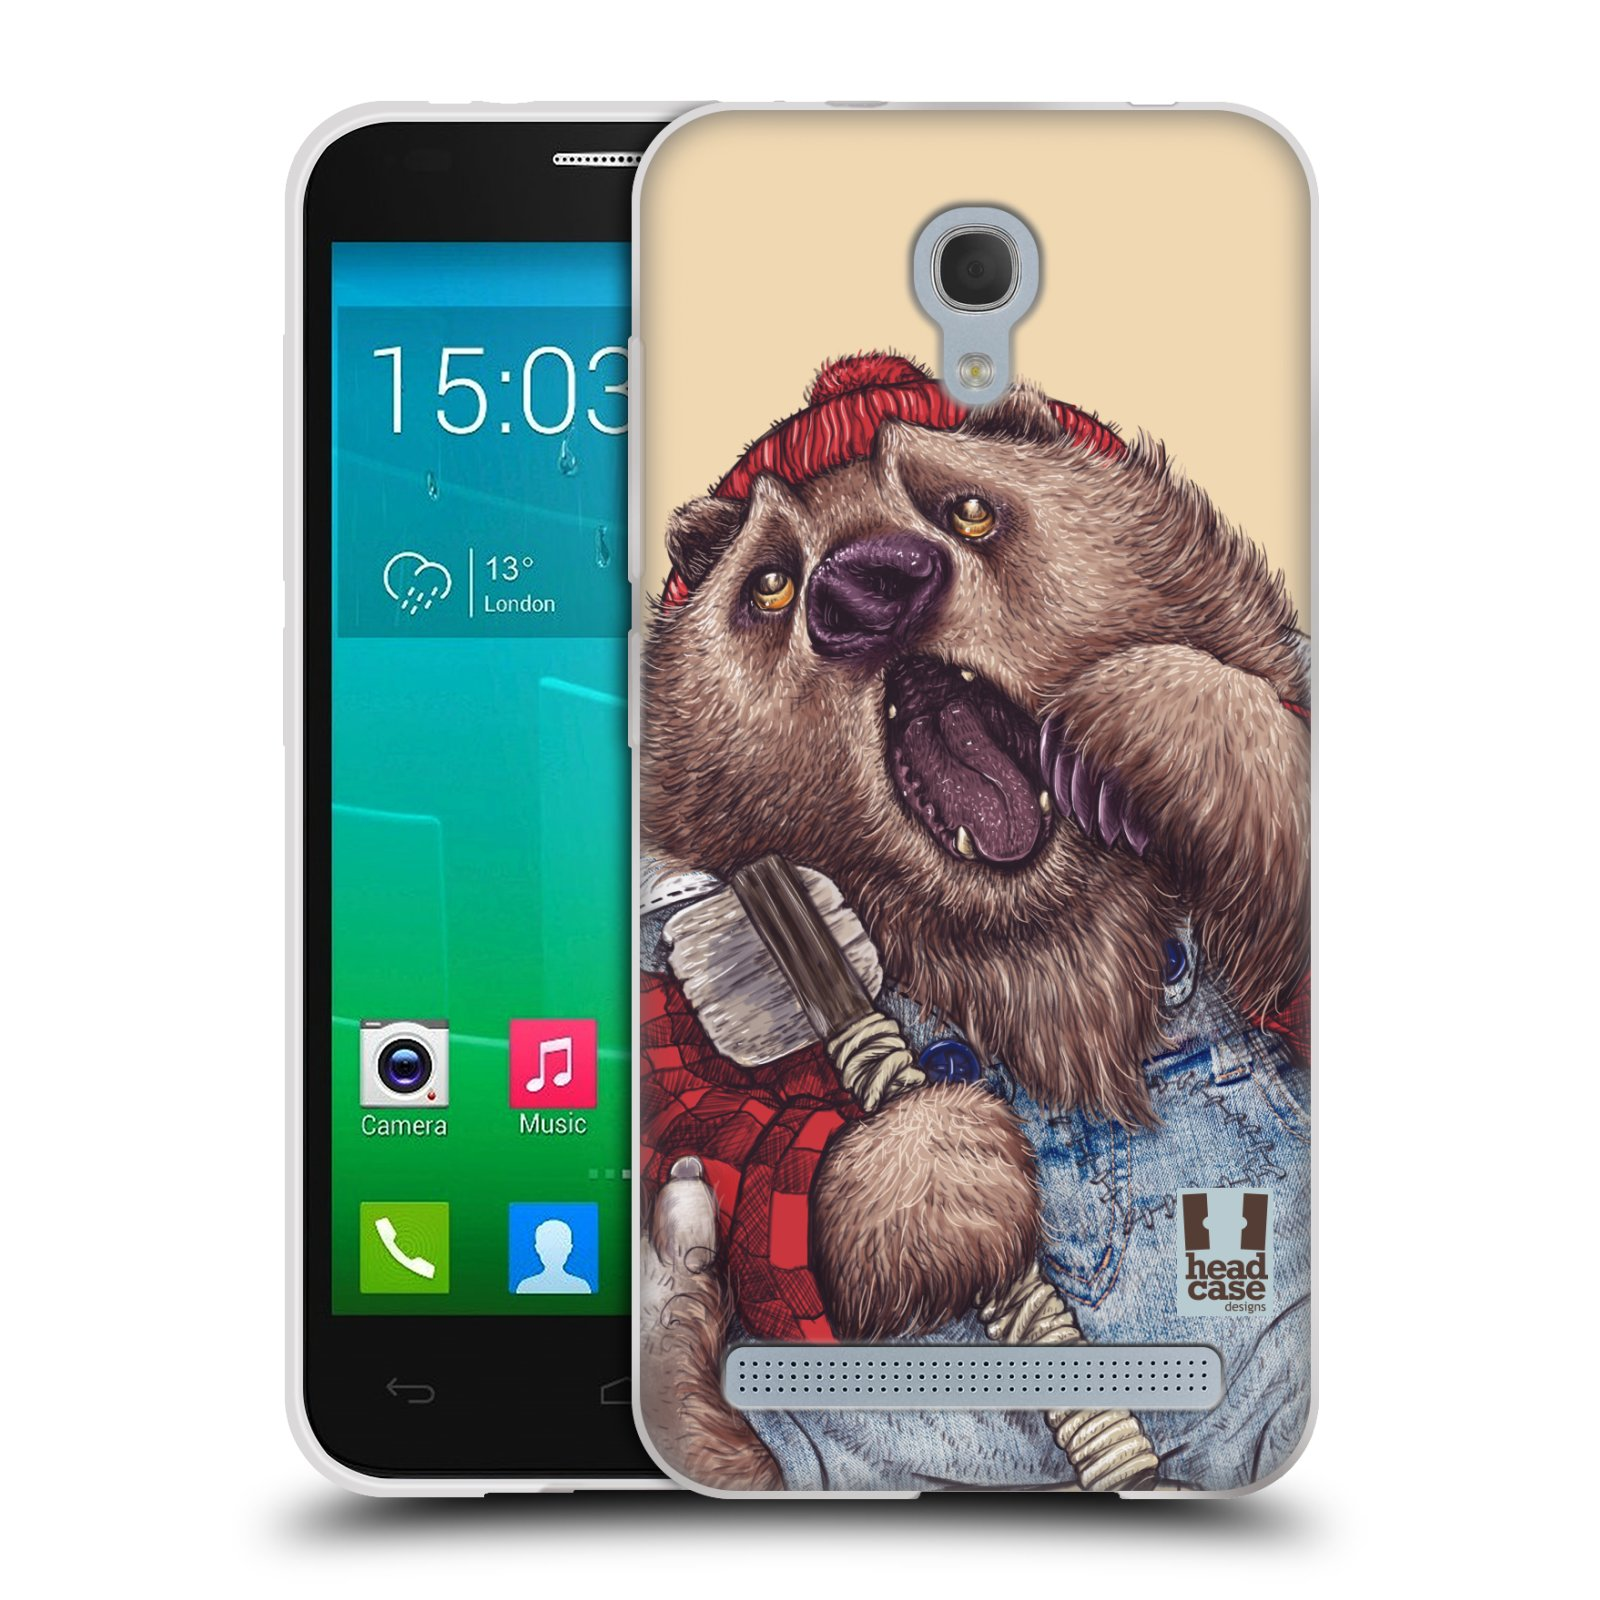 HEAD CASE silikonový obal na mobil Alcatel Idol 2 MINI S 6036Y vzor Kreslená zvířátka medvěd